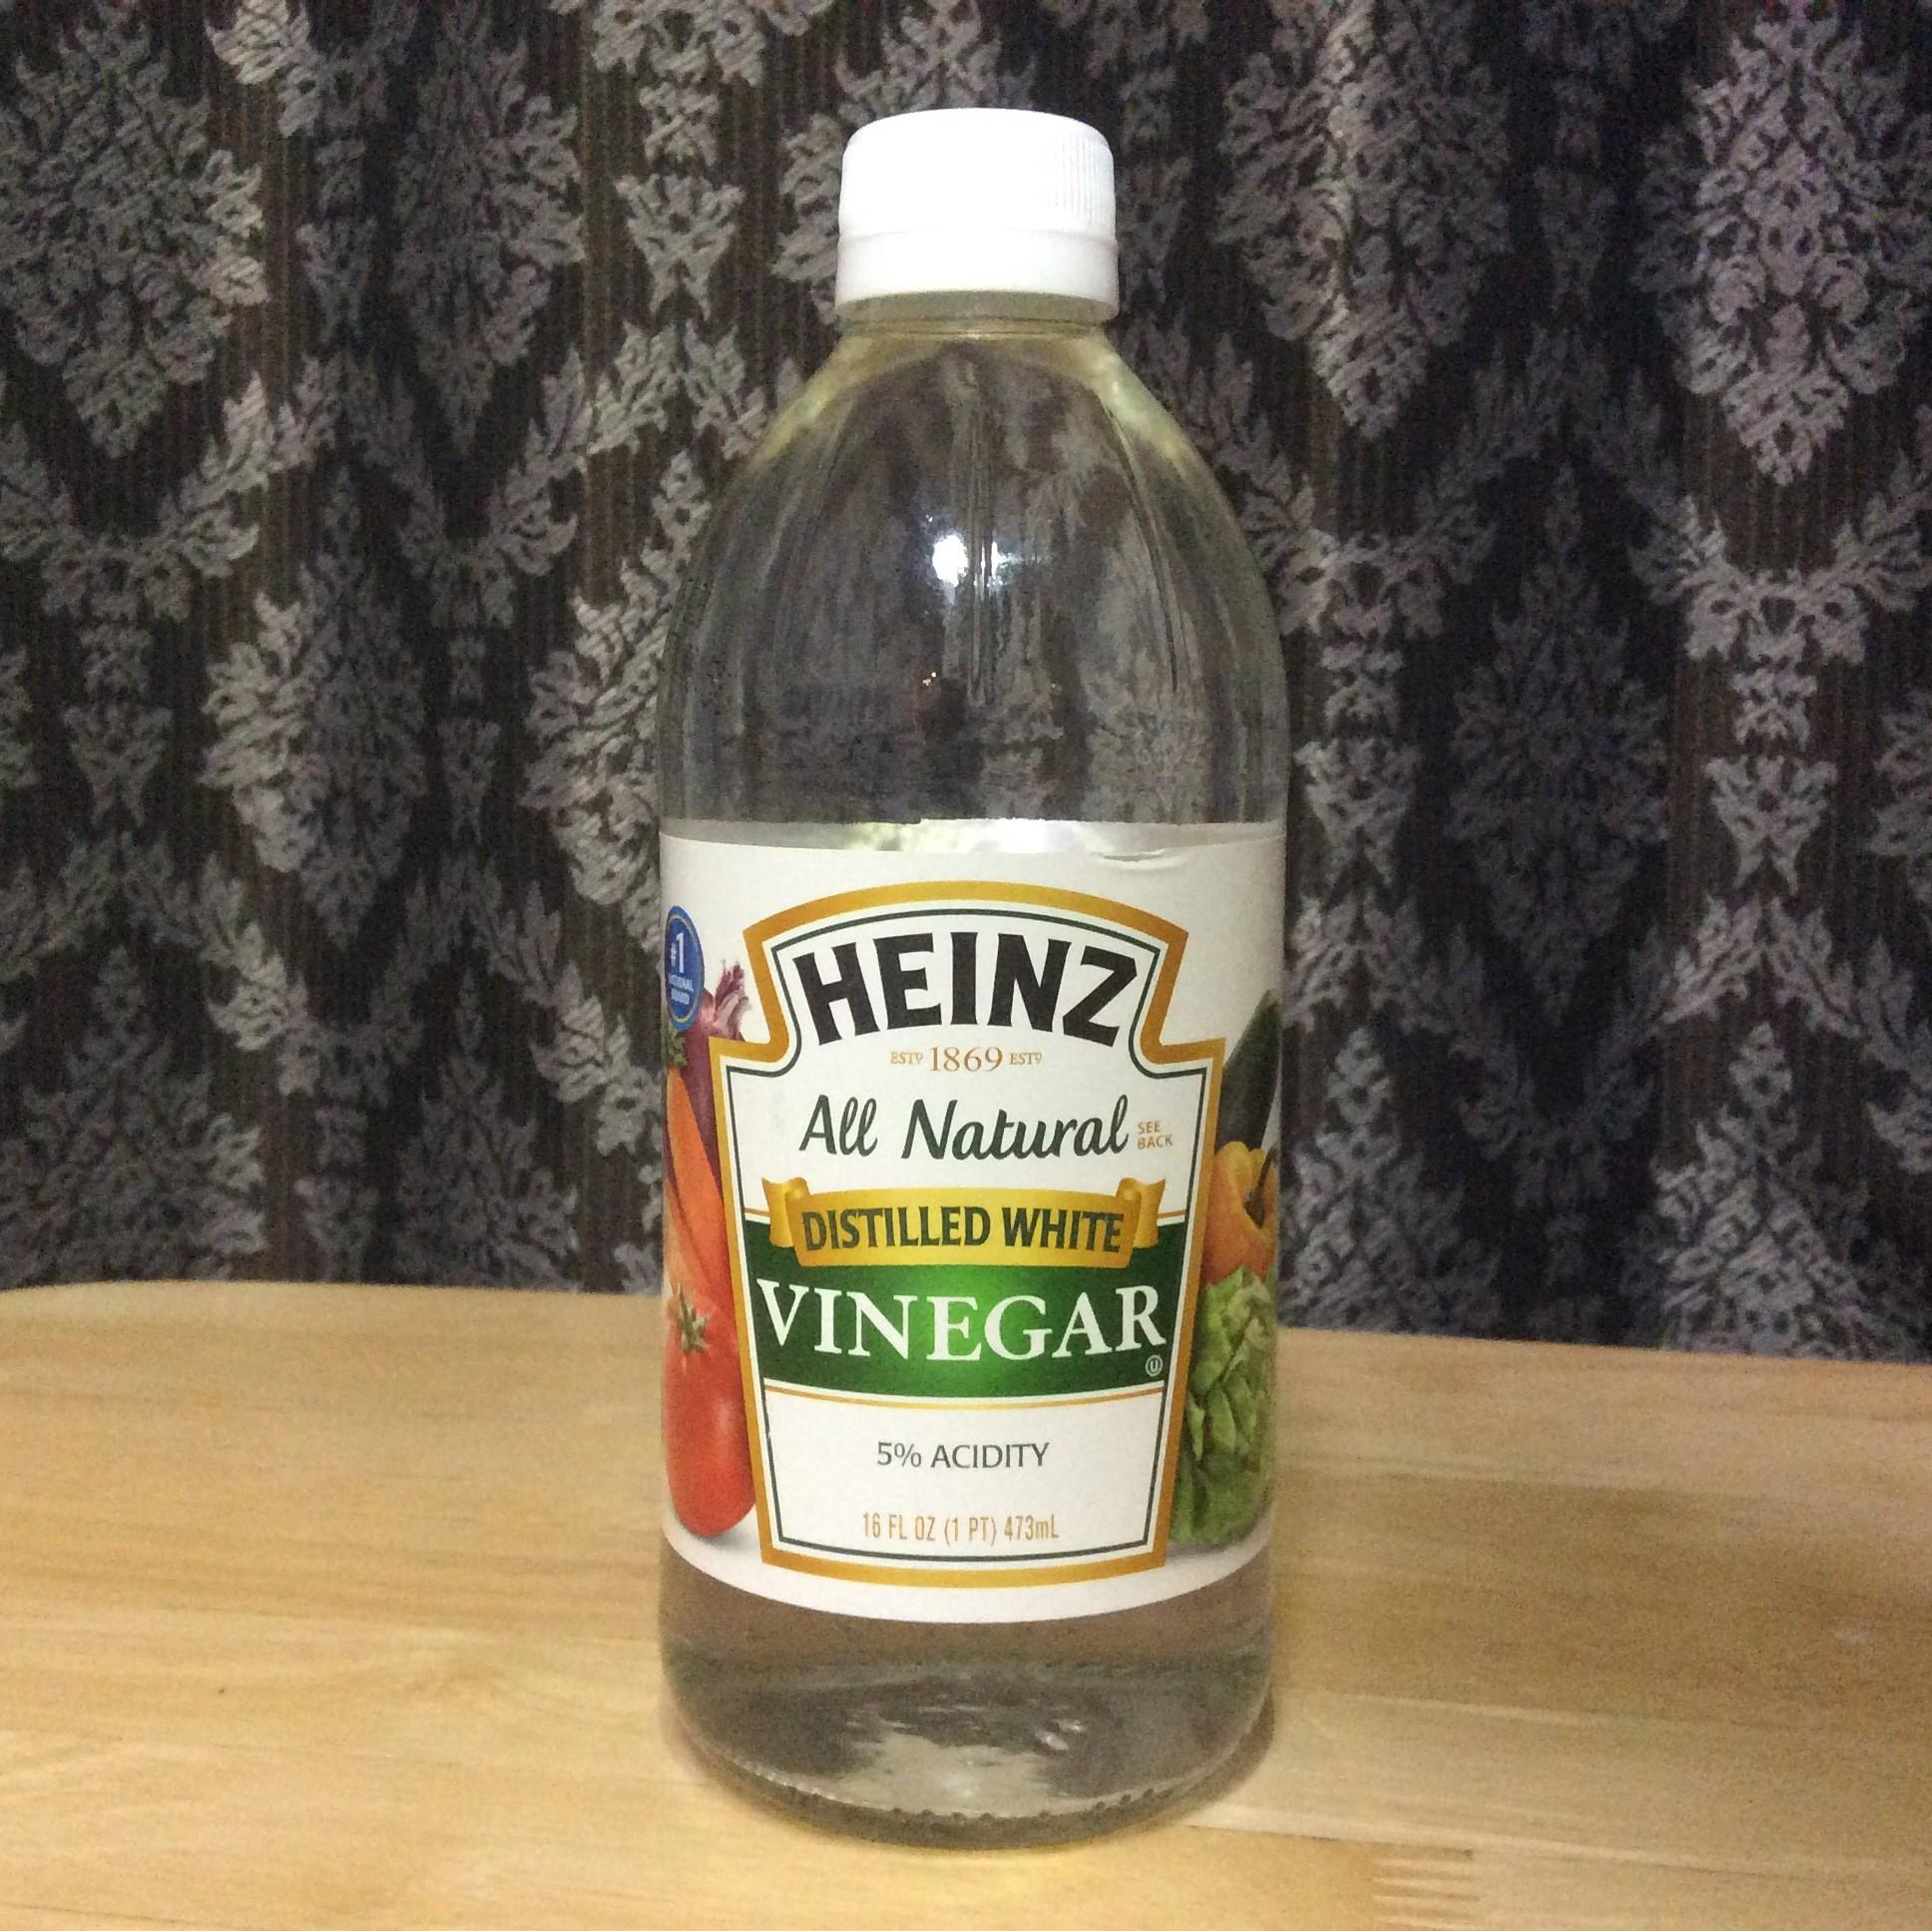 White Vinegar, a natural alternative for bleach